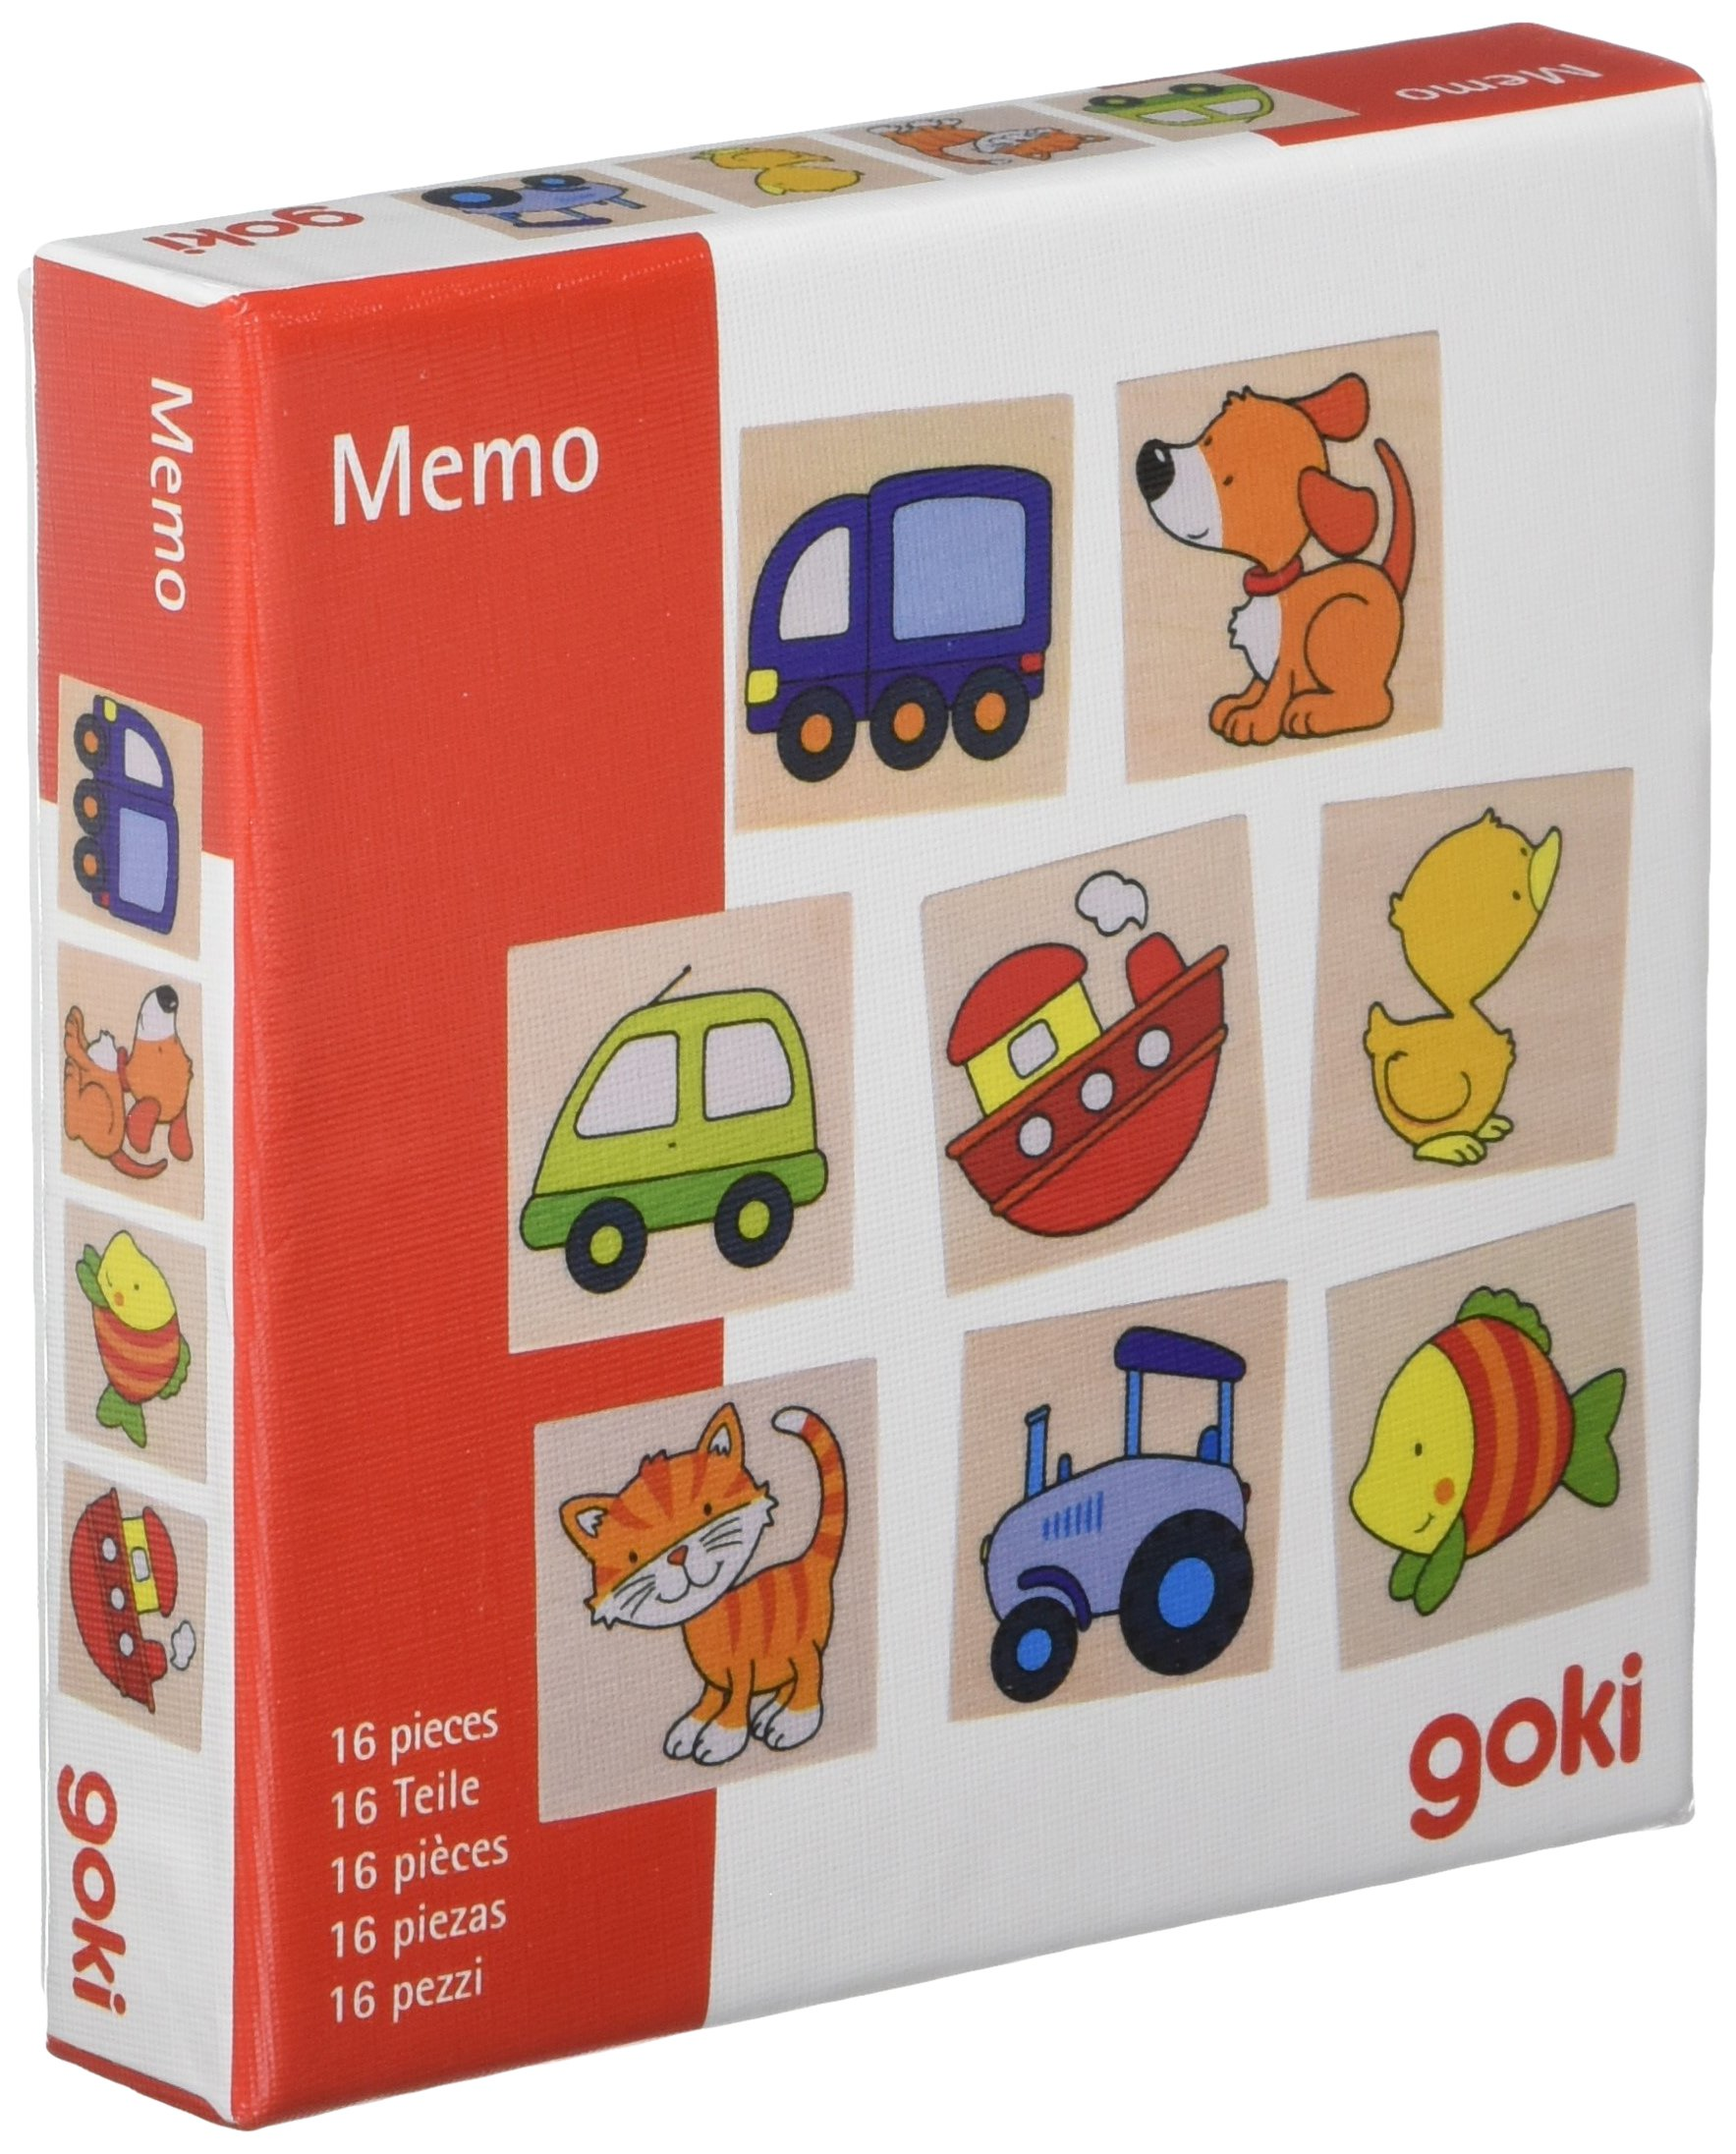 Goki-566980-Mein-erstes-Memo-Spiel-gemischt